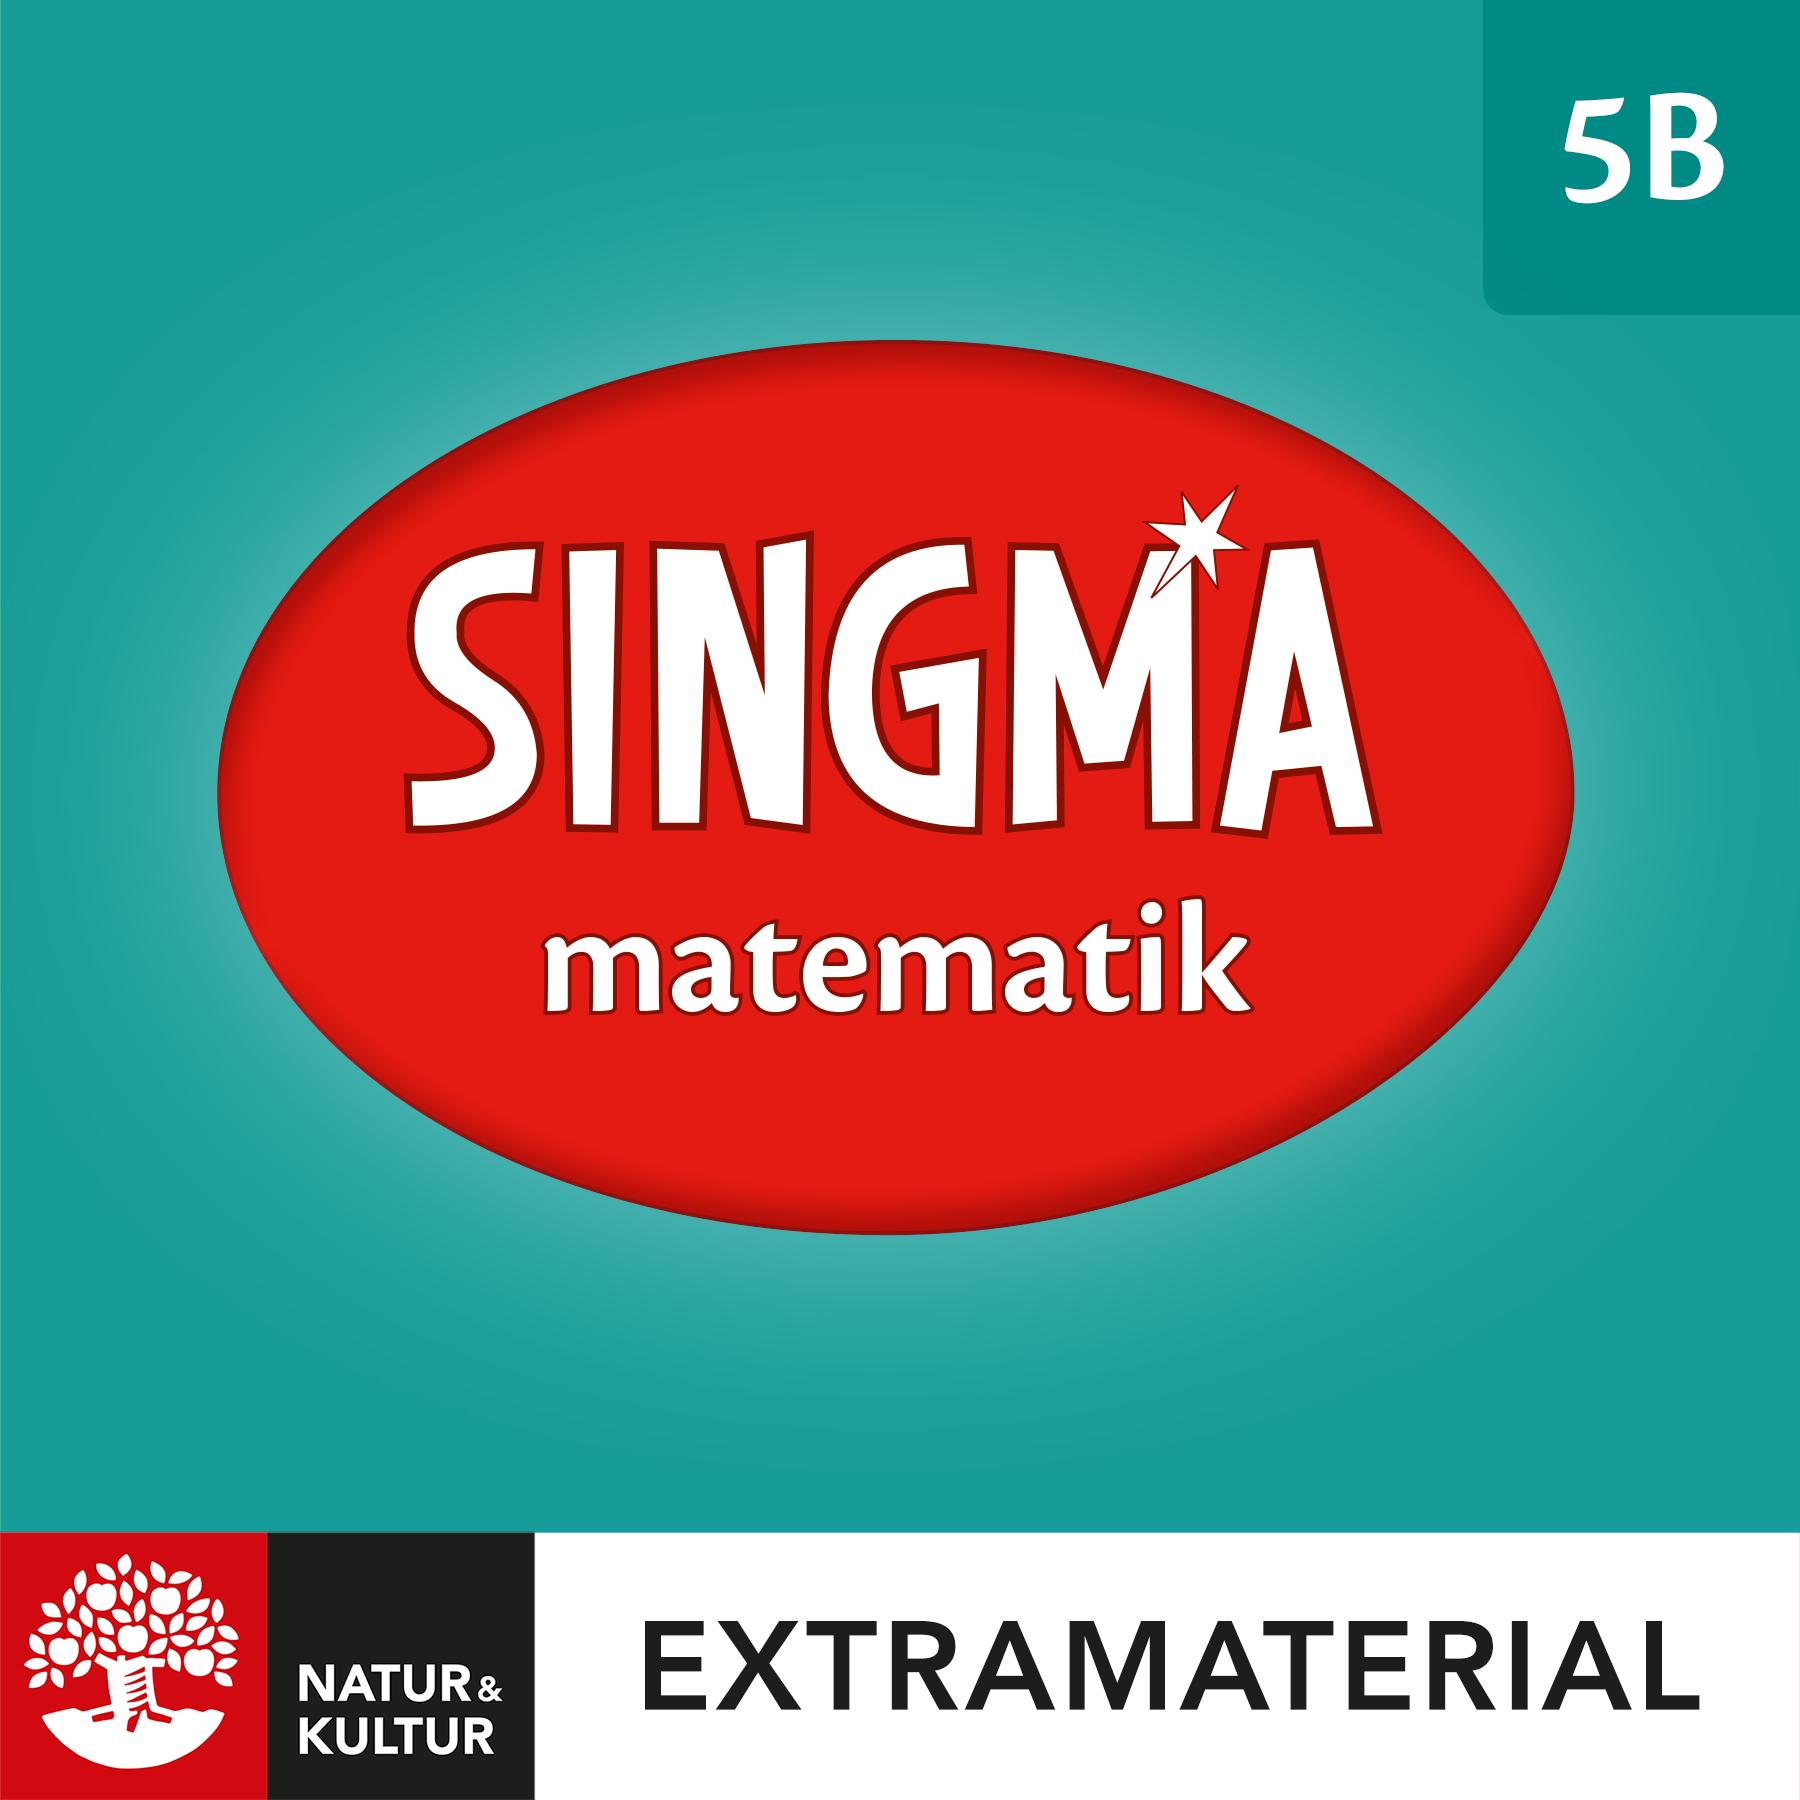 Singma matematik 5B